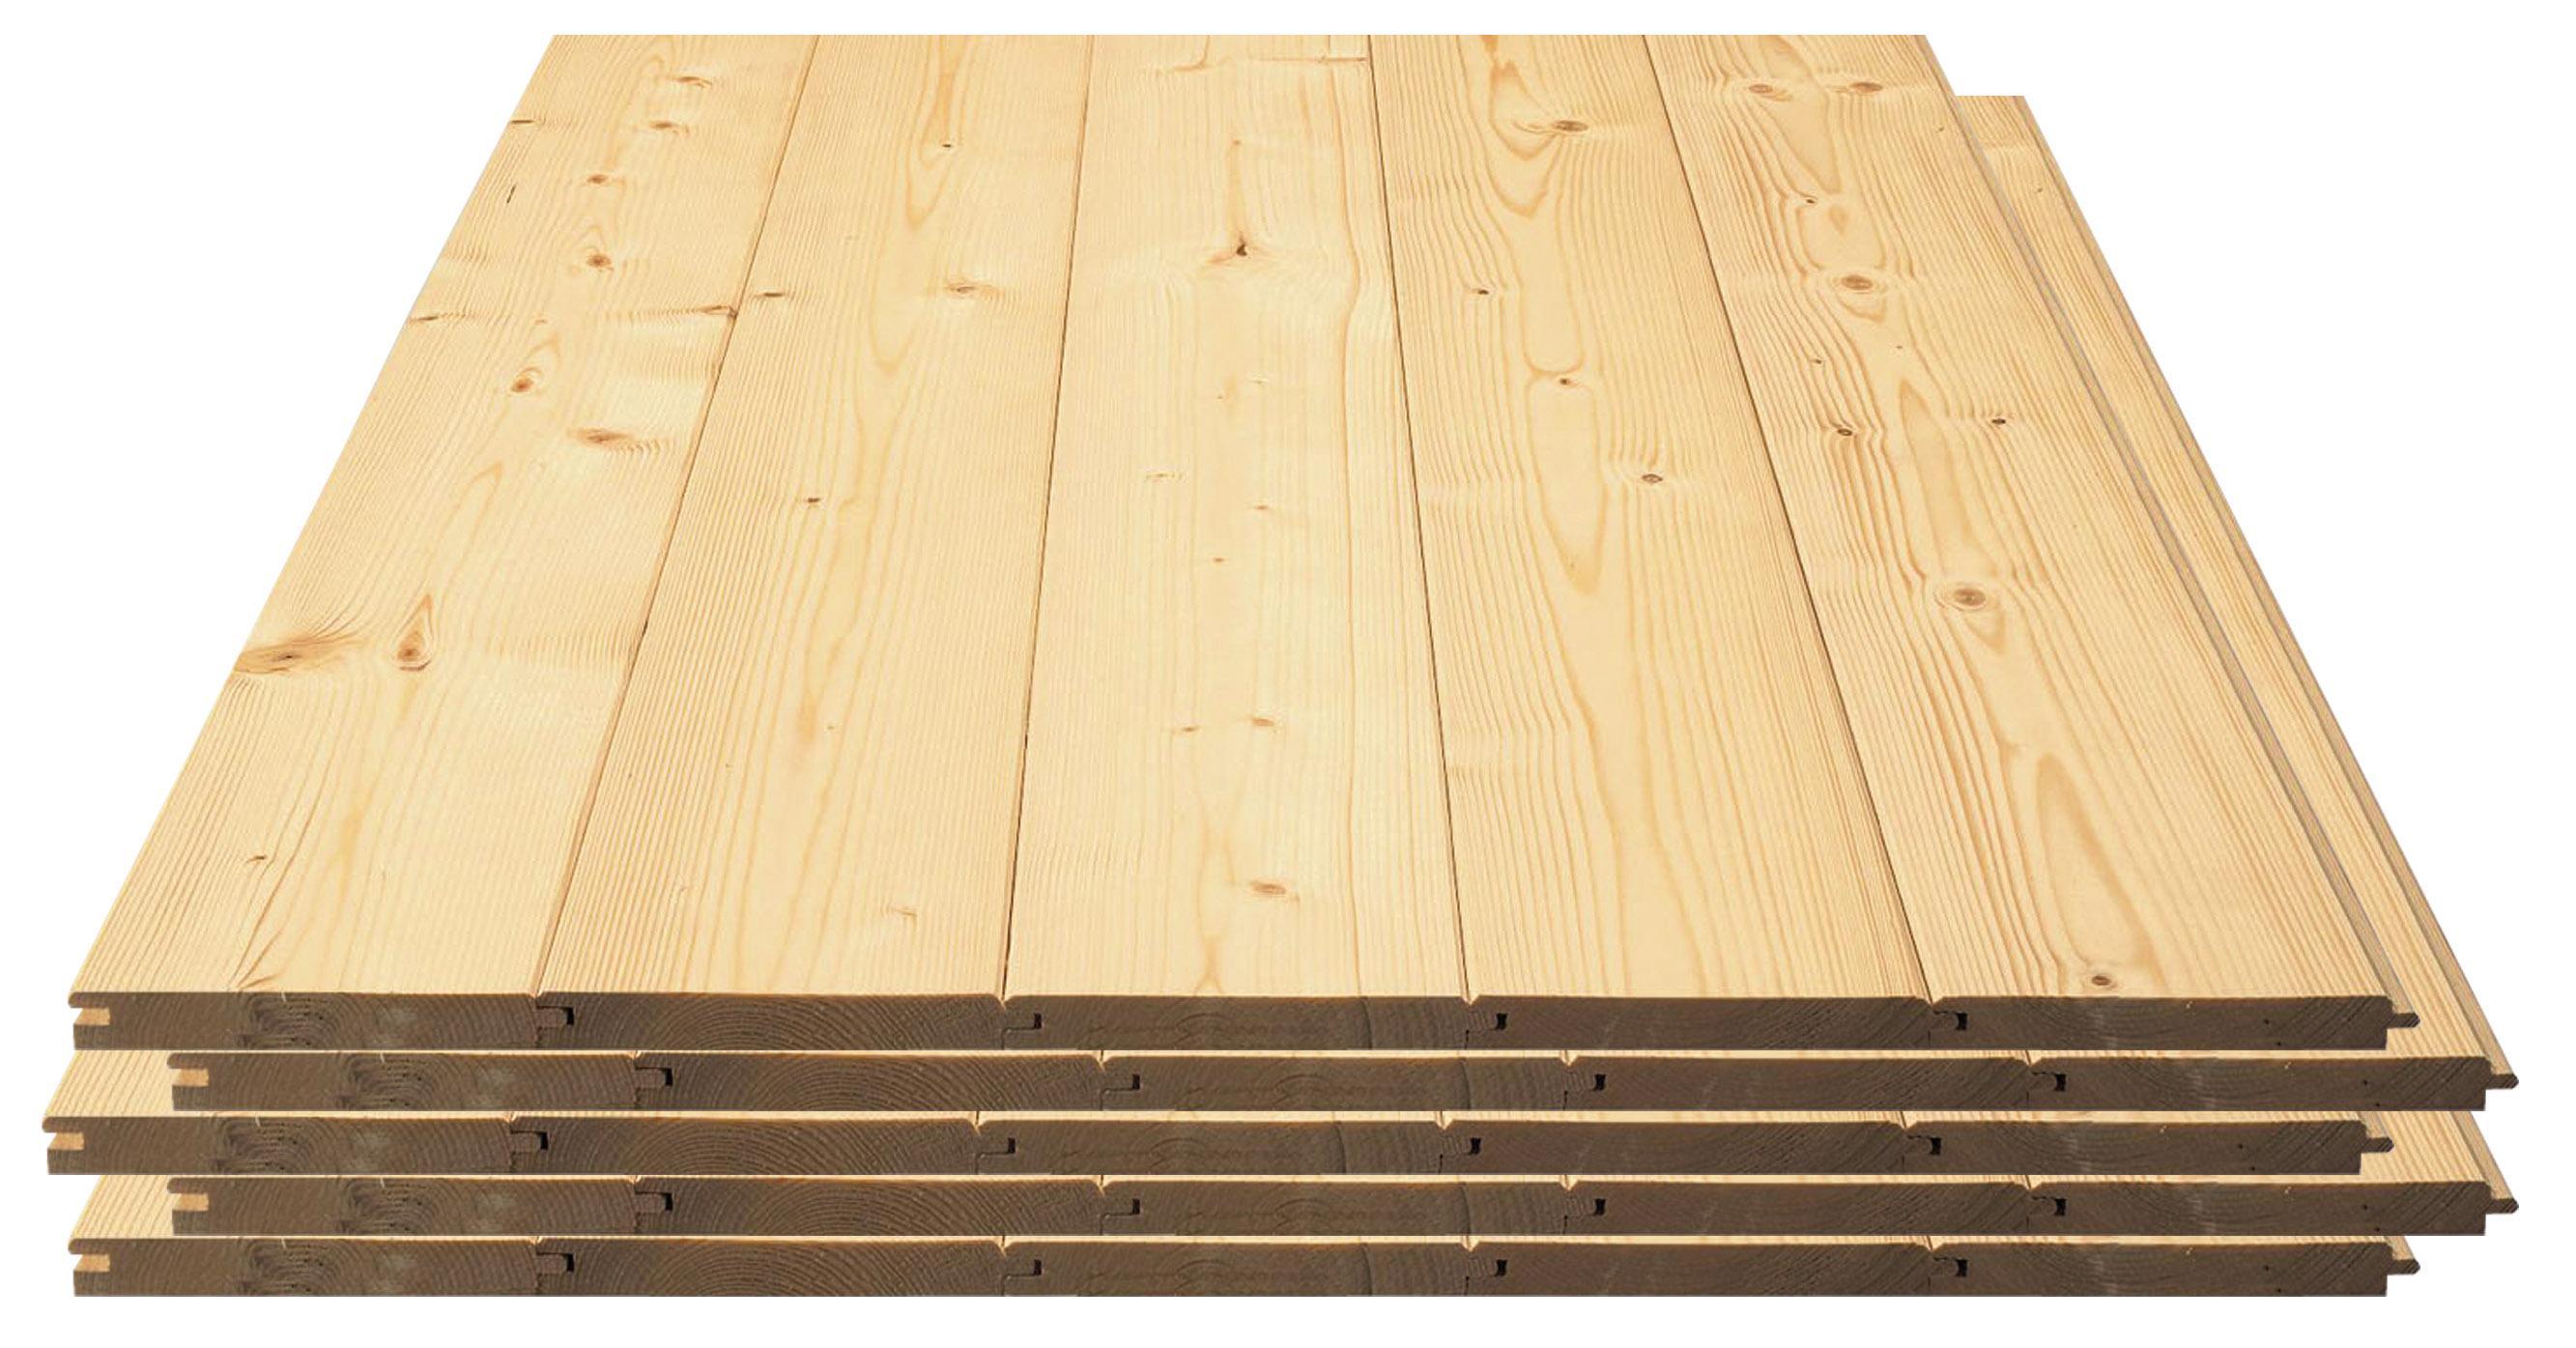 Forniture legname da edilizia falegnameria e taglio for Taglio legno bricoman